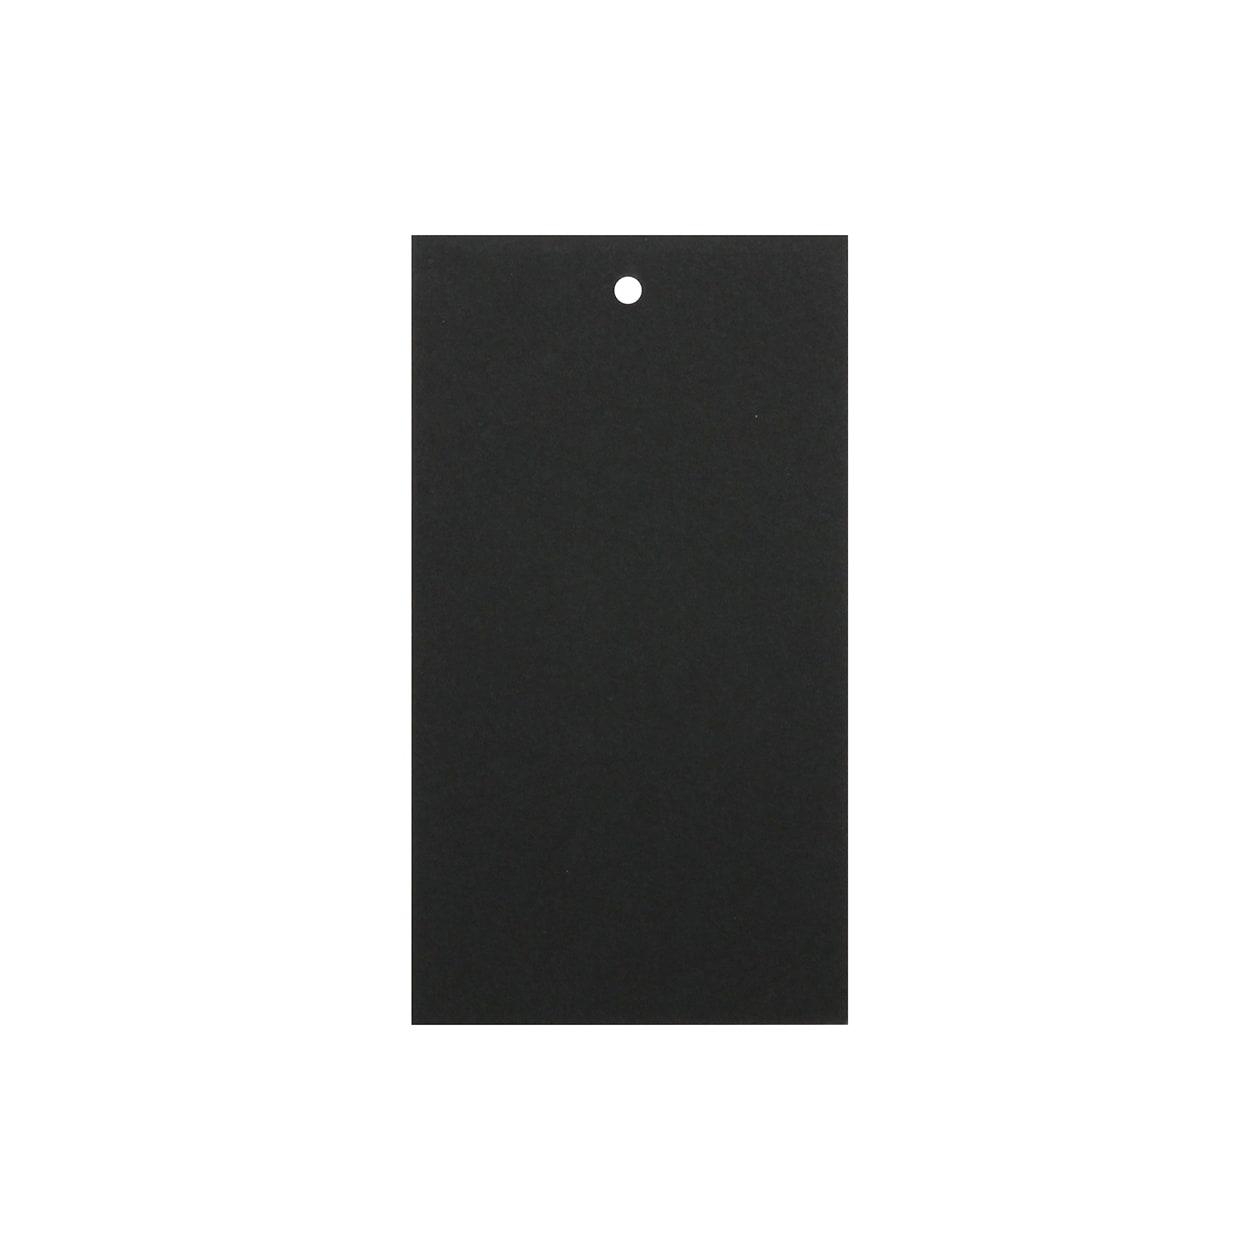 サンプル カード・シート 00068